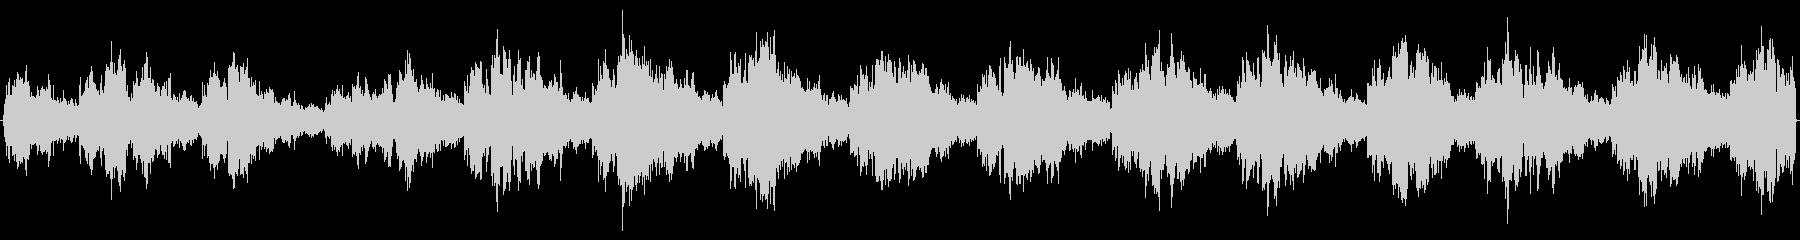 オイル臭い大きな機械音ガシャガシャの未再生の波形